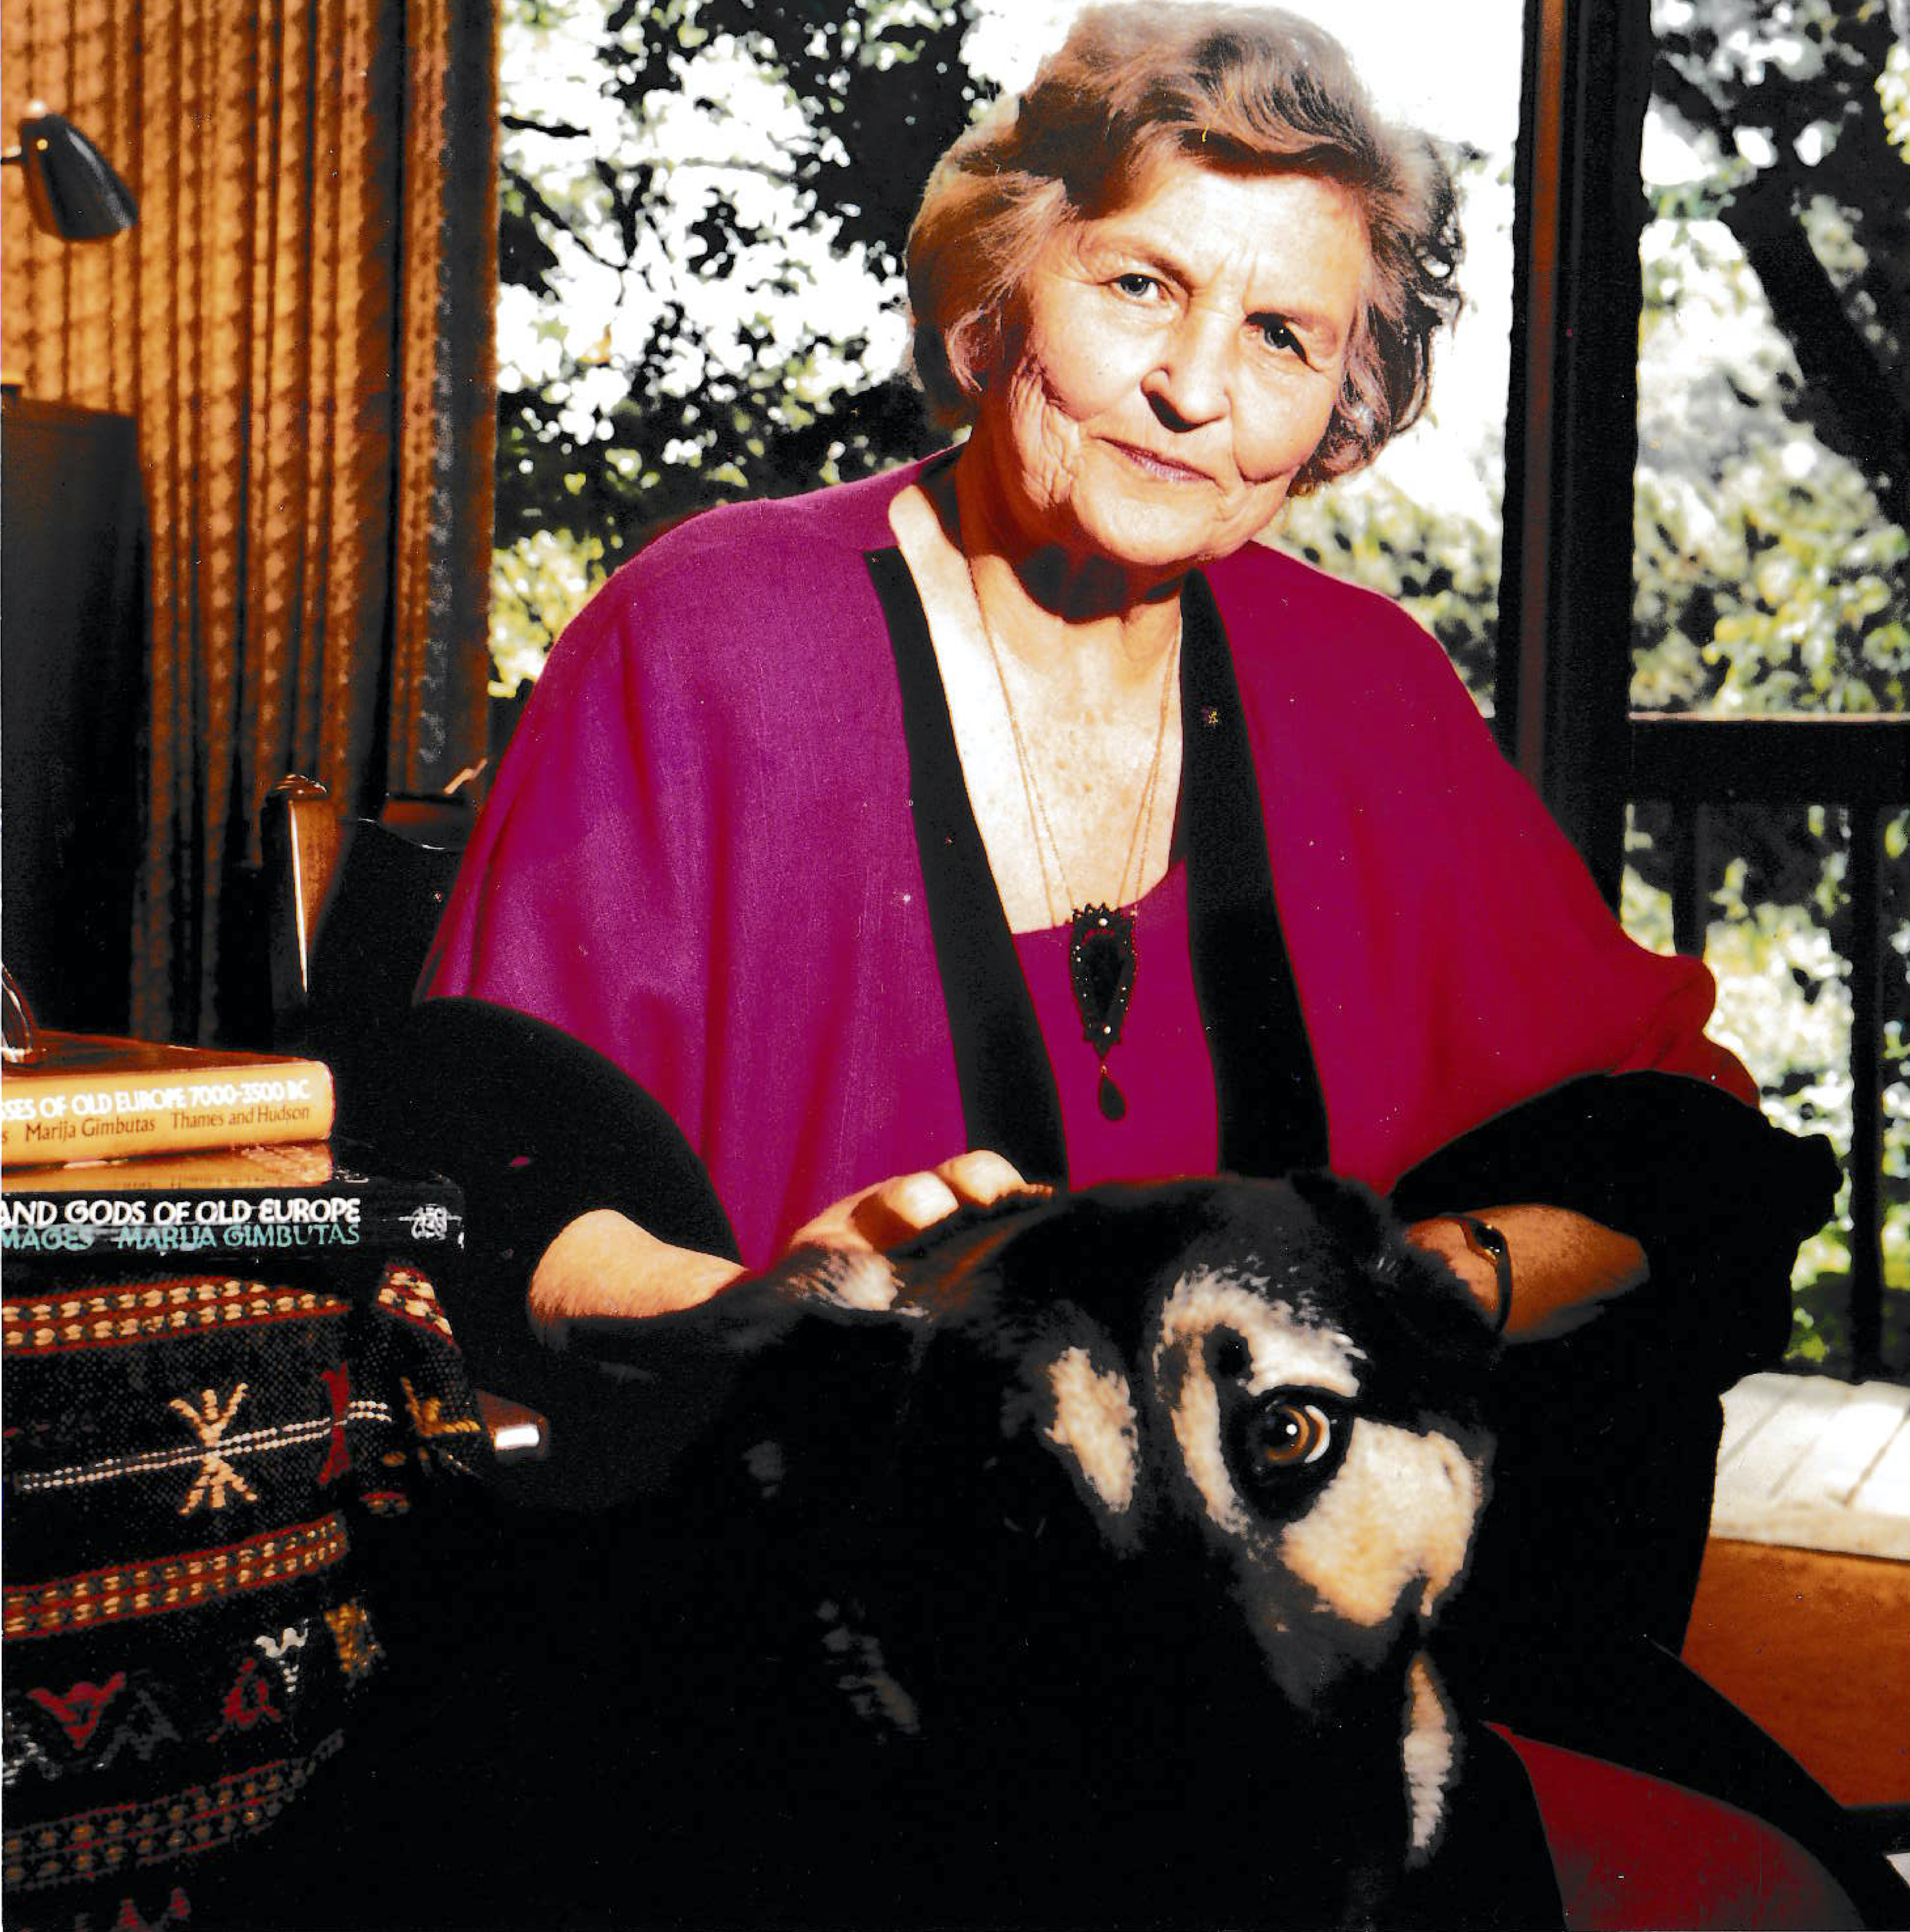 Žymiosios Marijos Gimbutienės įžvalgos sukosi apie praeitį ir senojo pasaulio aidus